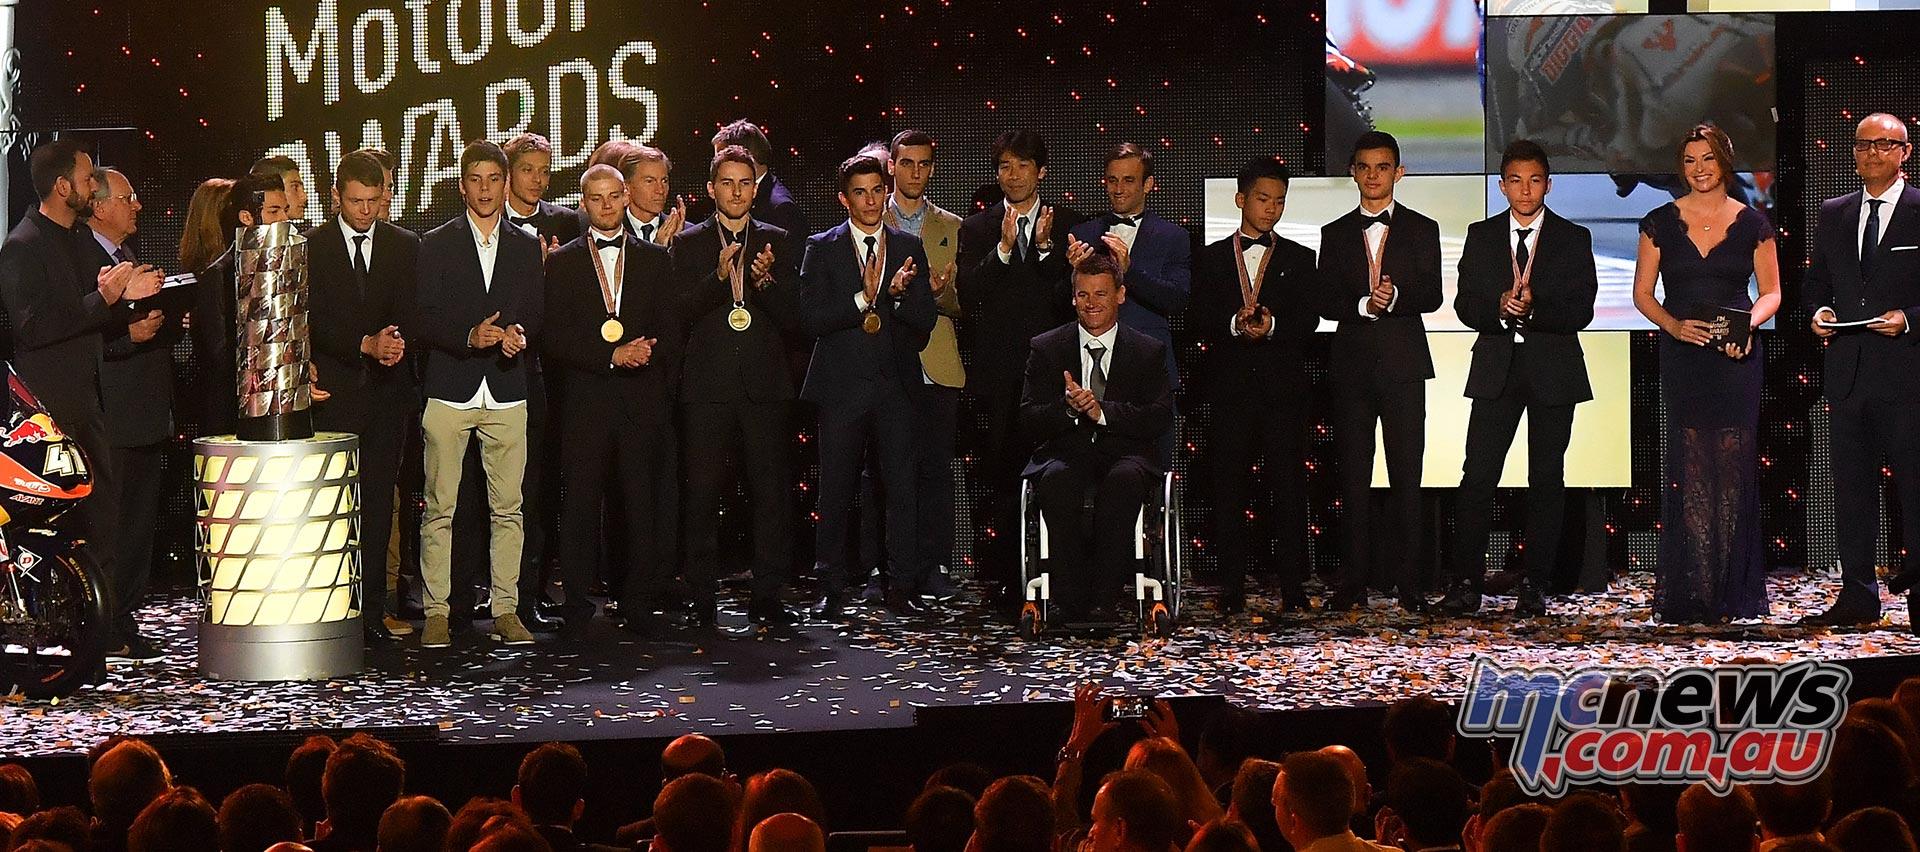 FIM Awards Ceremony closes the MotoGP season   MCNews.com.au